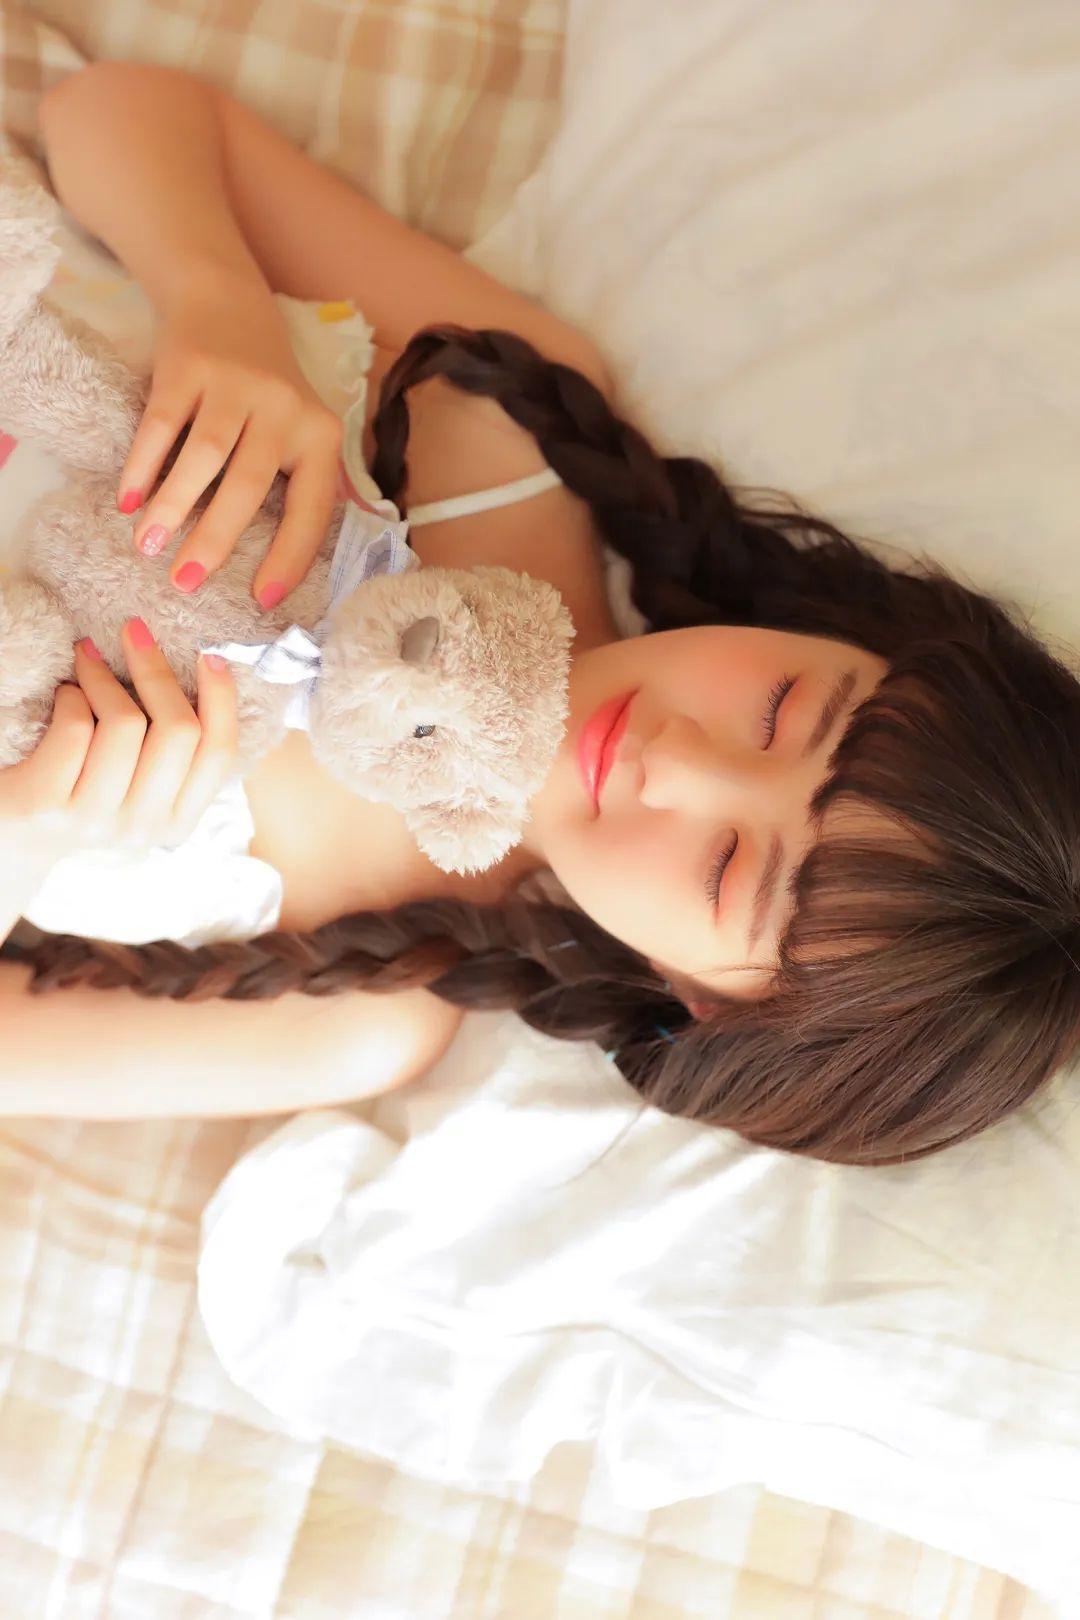 妹子摄影 – 甜美连衣裙双马尾少女吃西瓜_图片 No.17